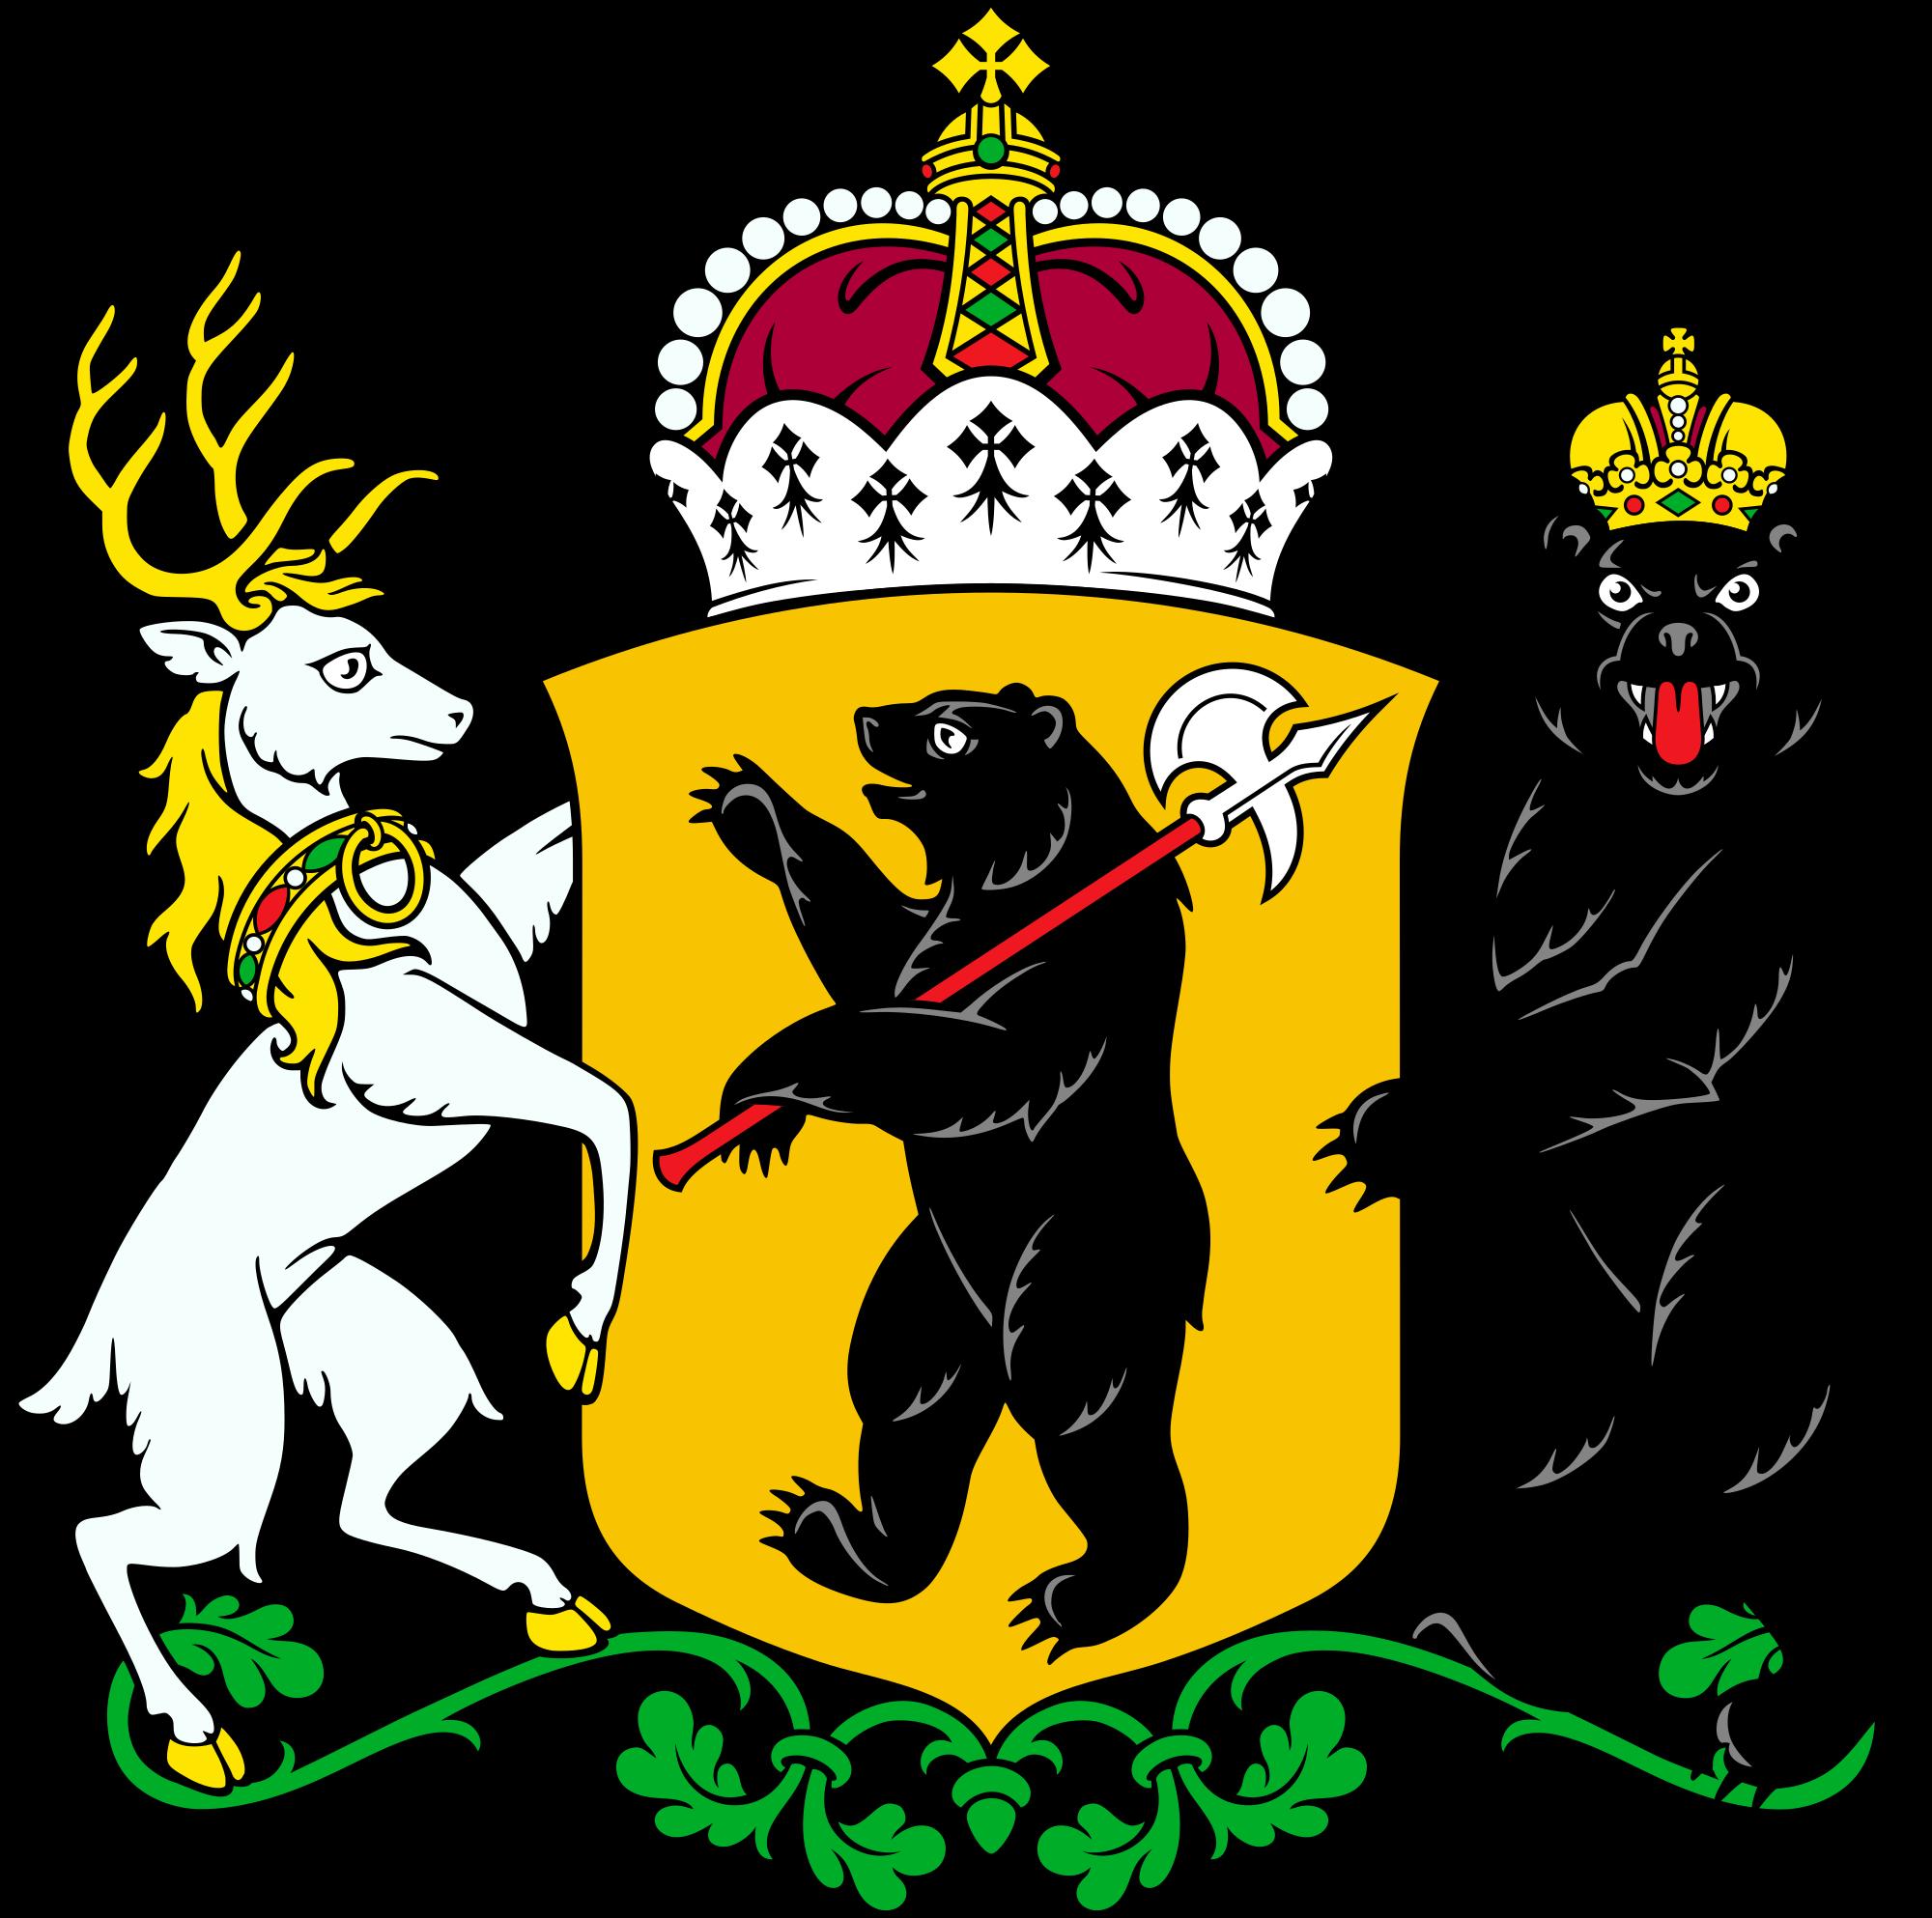 File:Coat of arms of Yaroslavl Oblast.svg.